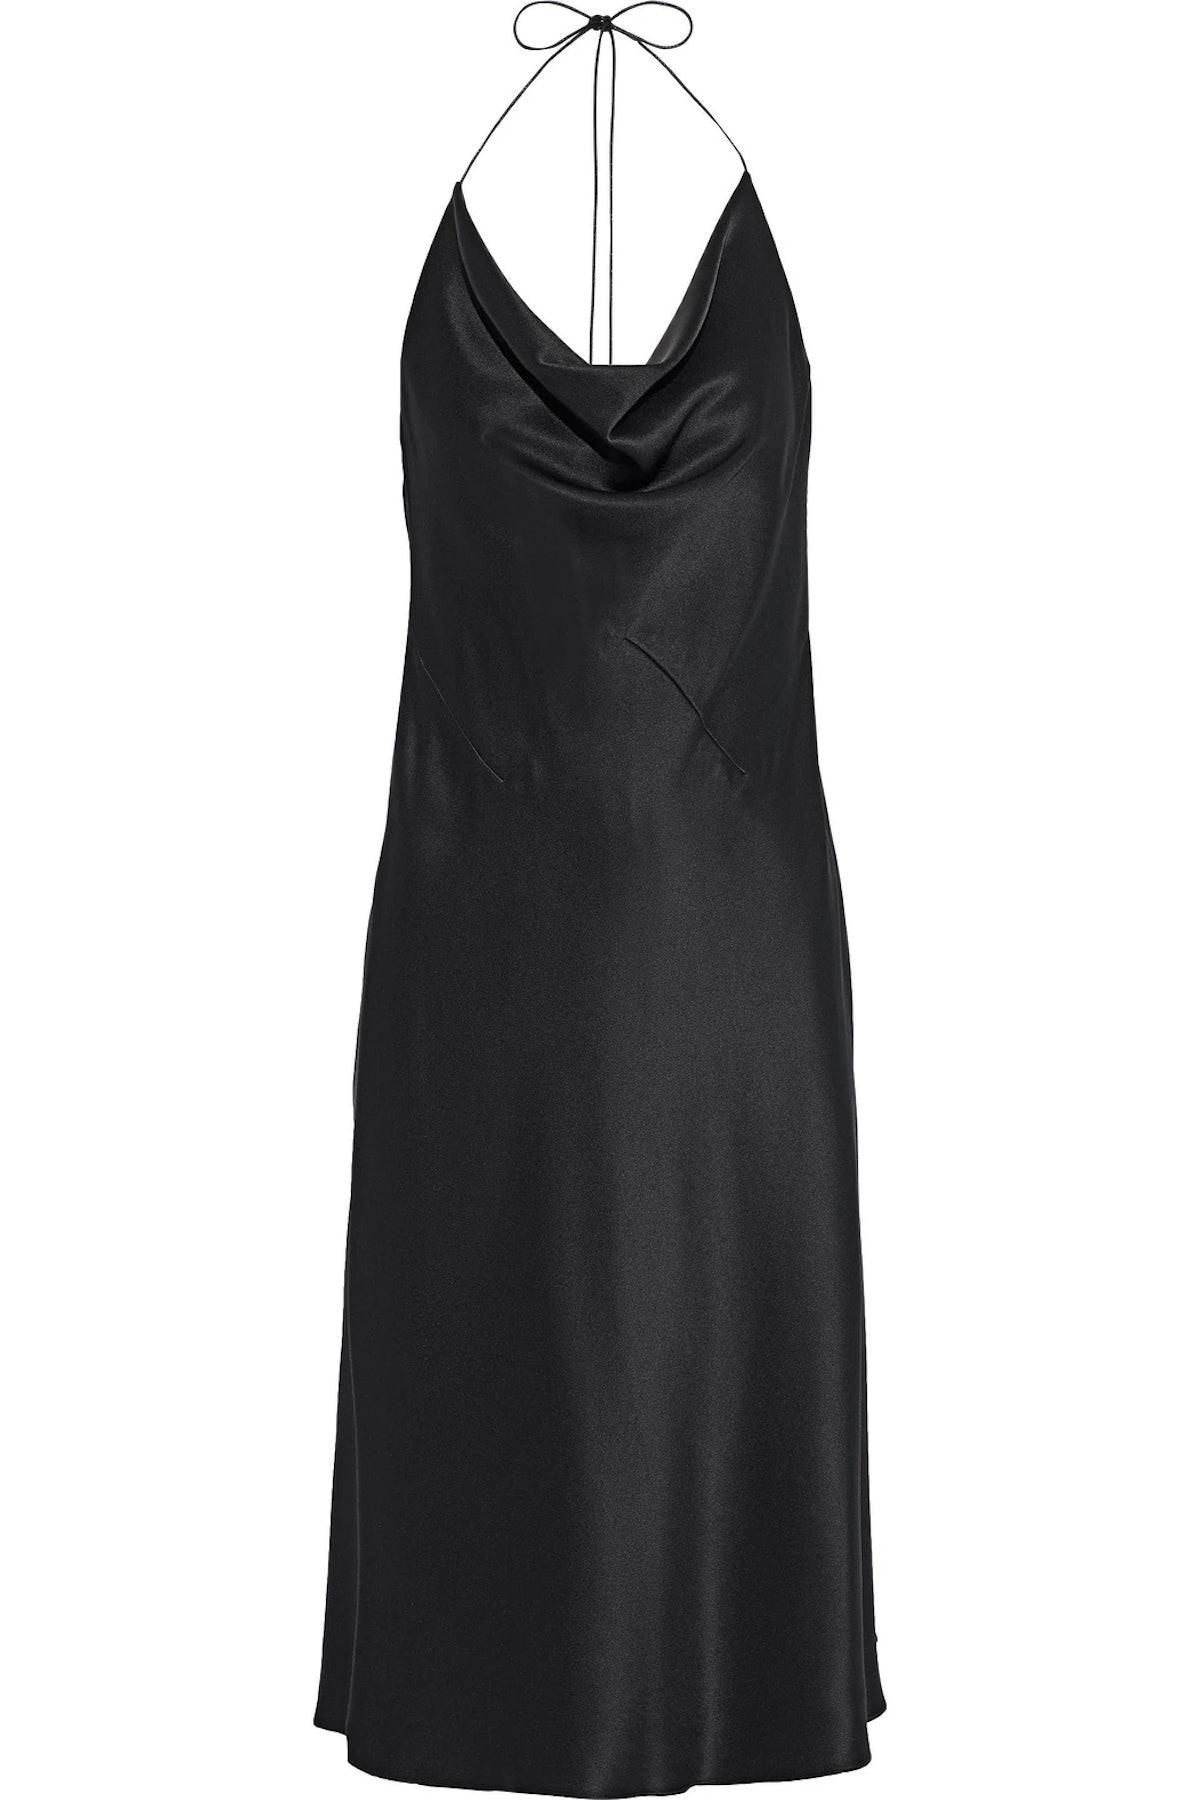 CUSHNIE slip dress